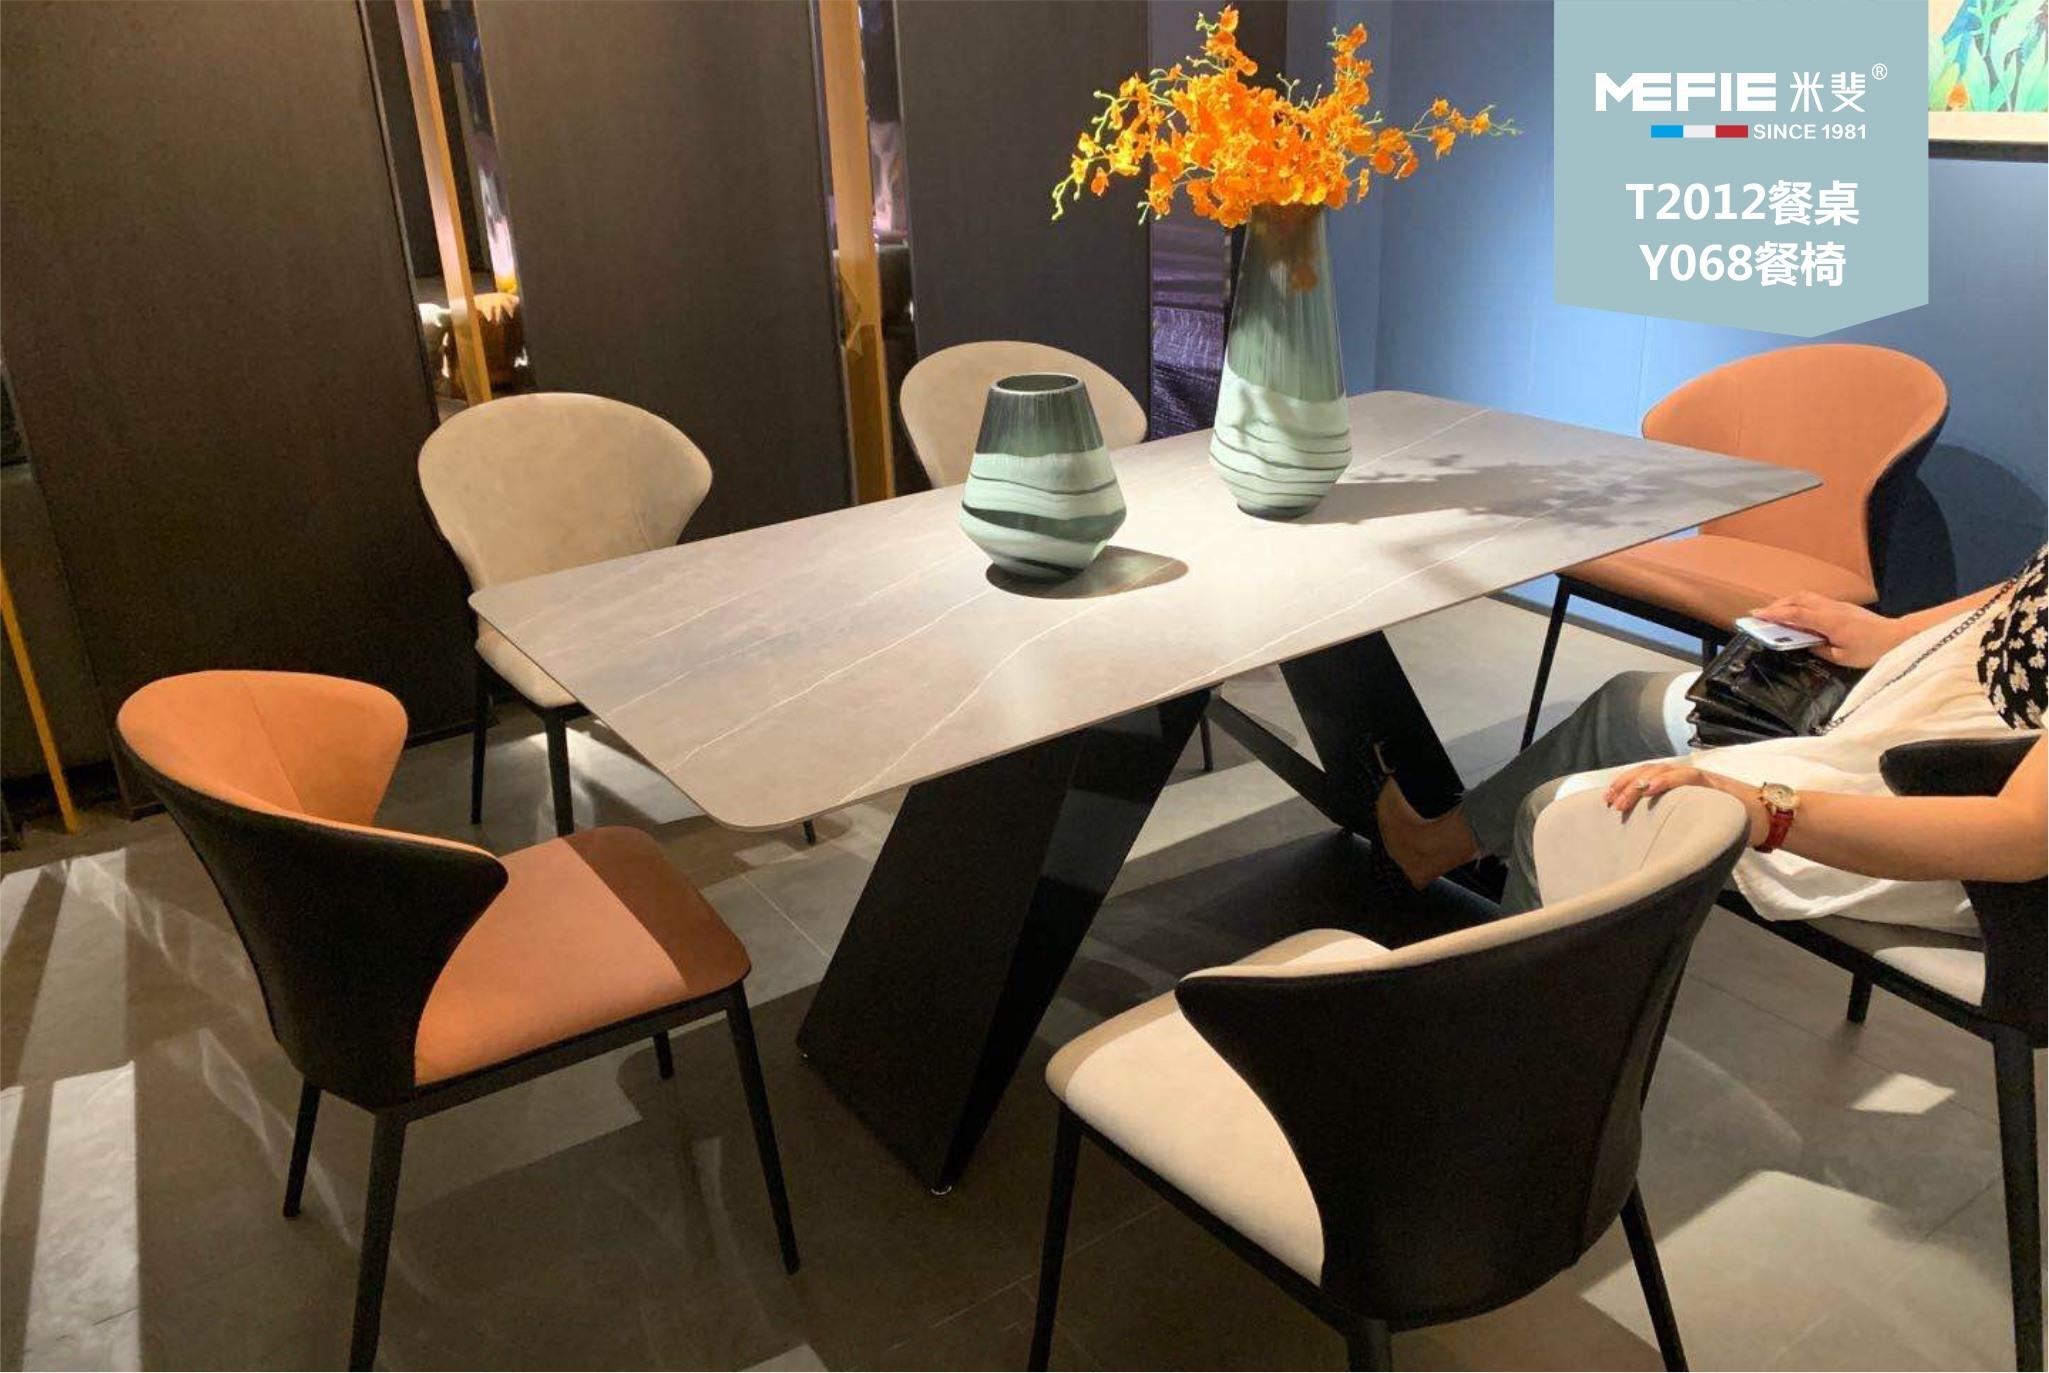 餐桌T2012+餐椅Y068